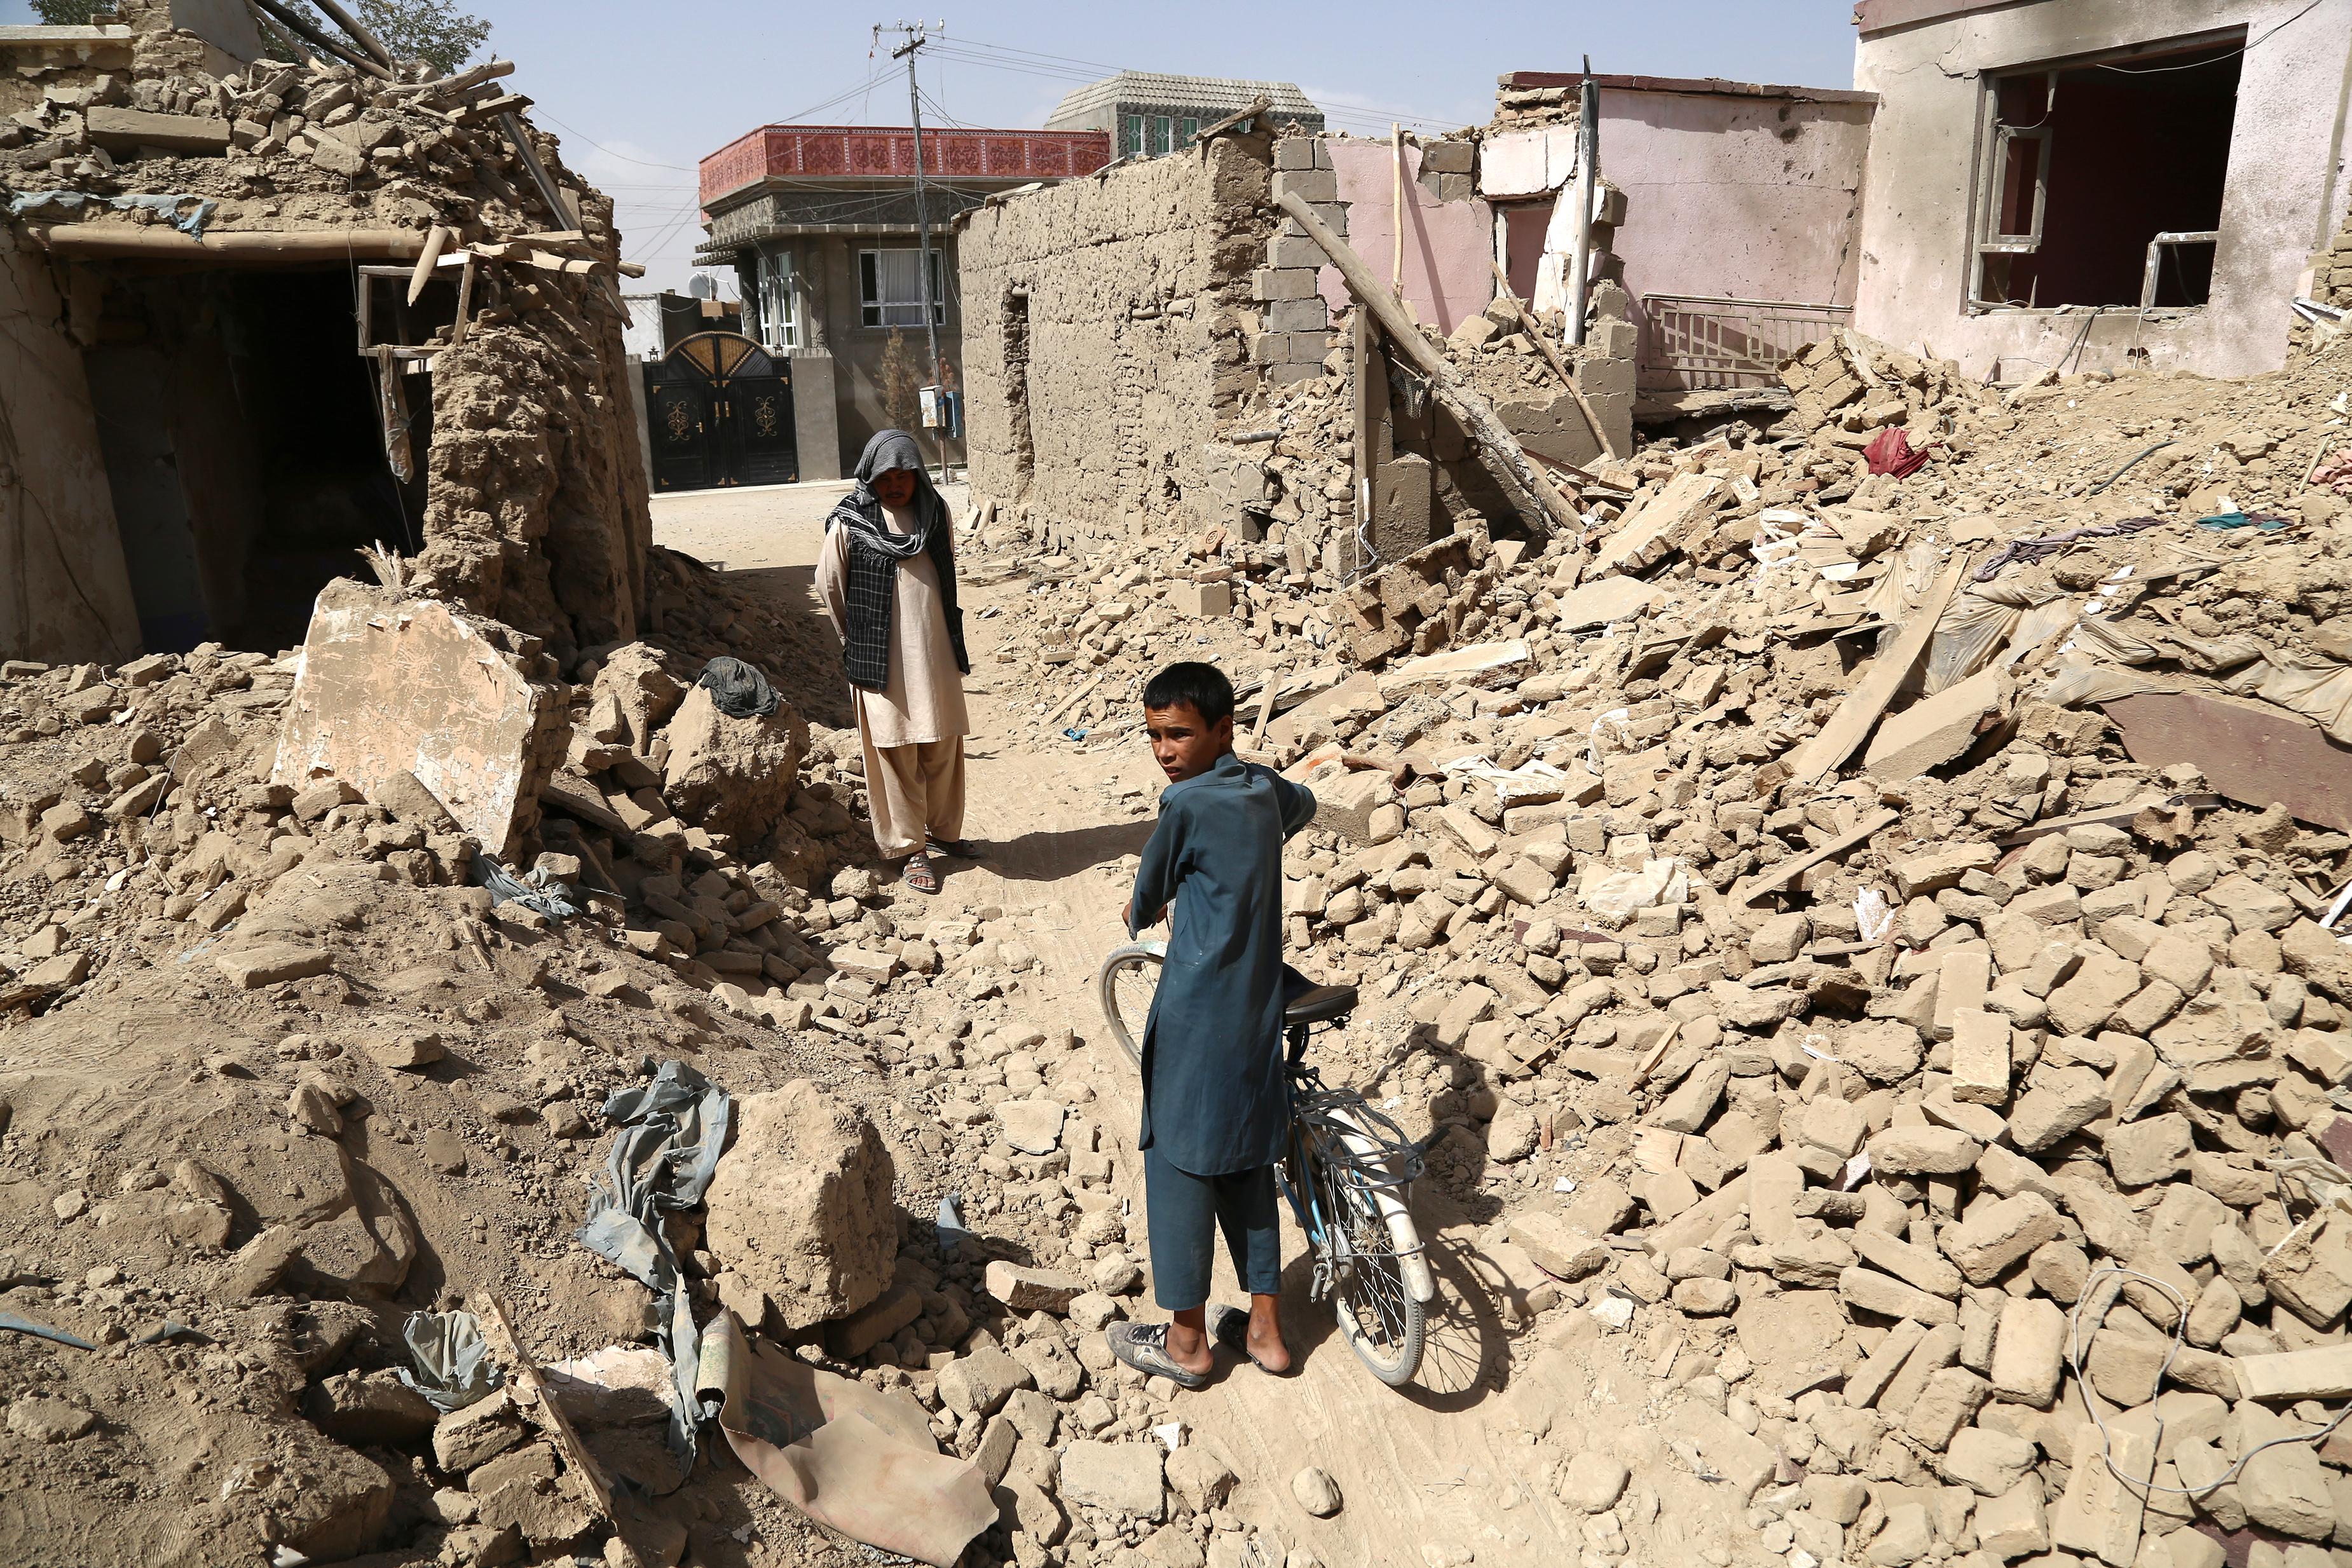 مردم ملکی می گویند استفاده طالبان از سپر انسانی ضعف و بی رحمی شان را نشان می دهد